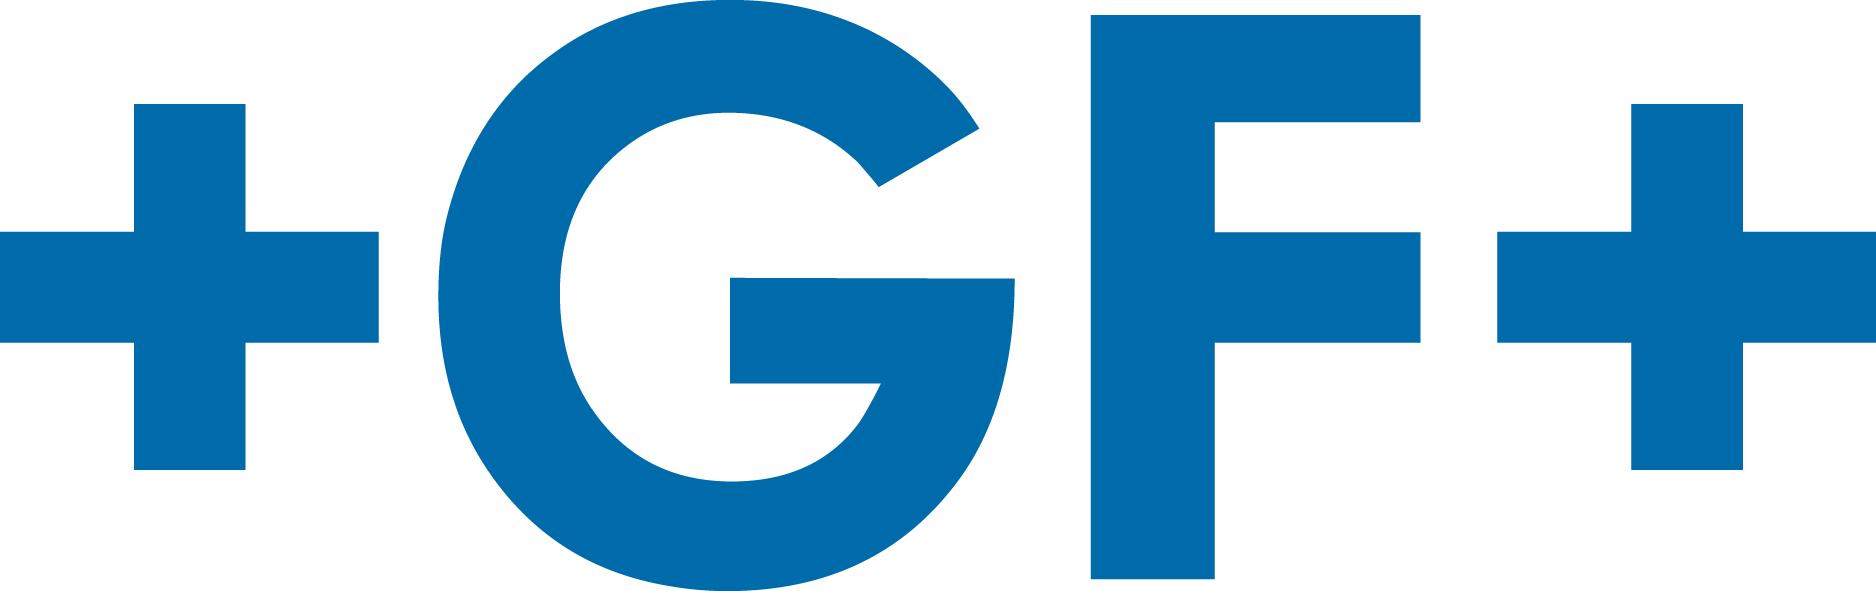 Georg Fischer Rohrleitungssysteme GmbH